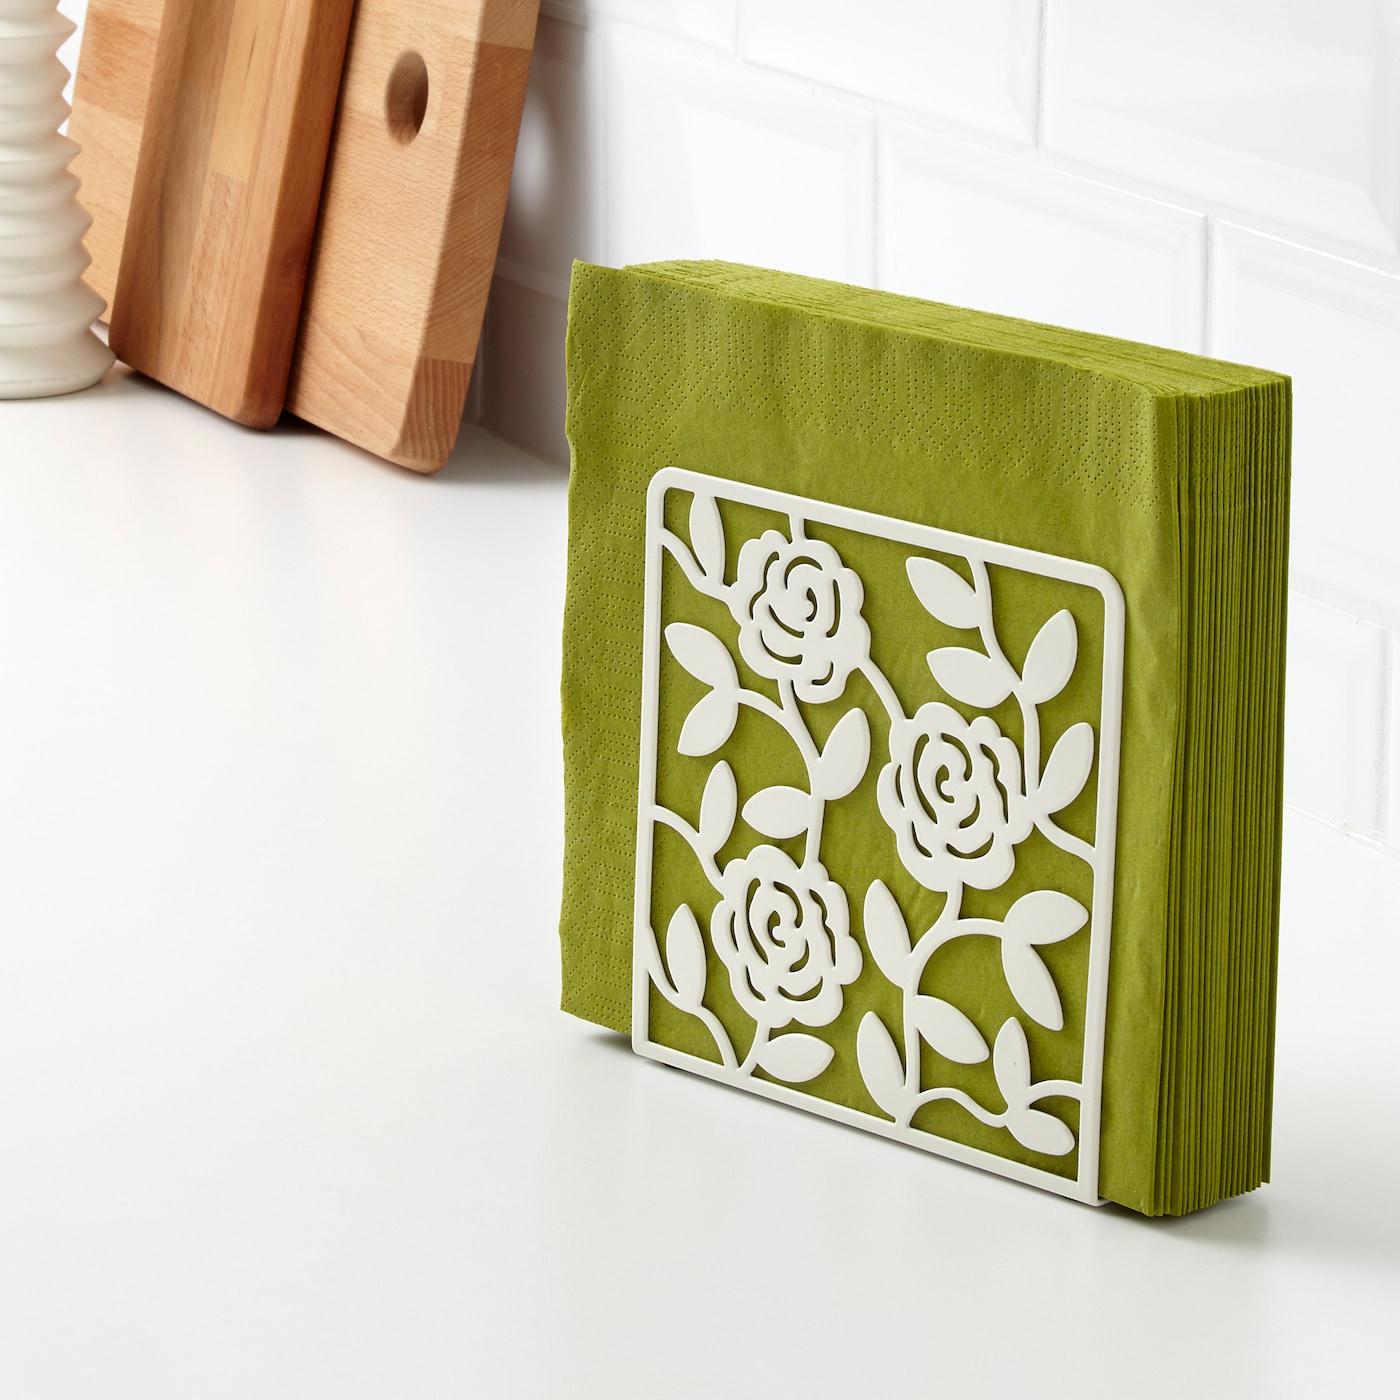 Liksidig White Napkin Holder Ikea